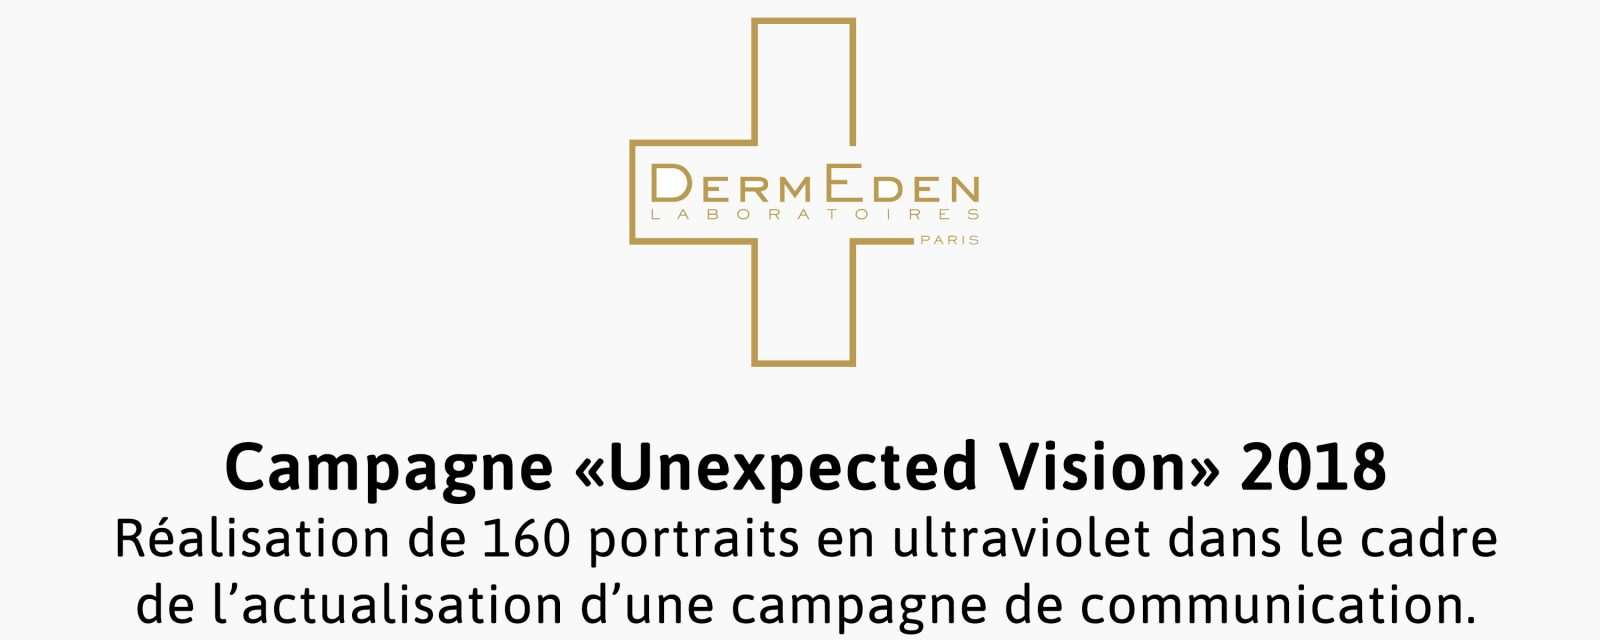 Dermeden bis | Pierre-Louis Ferrer | Réalisations clients